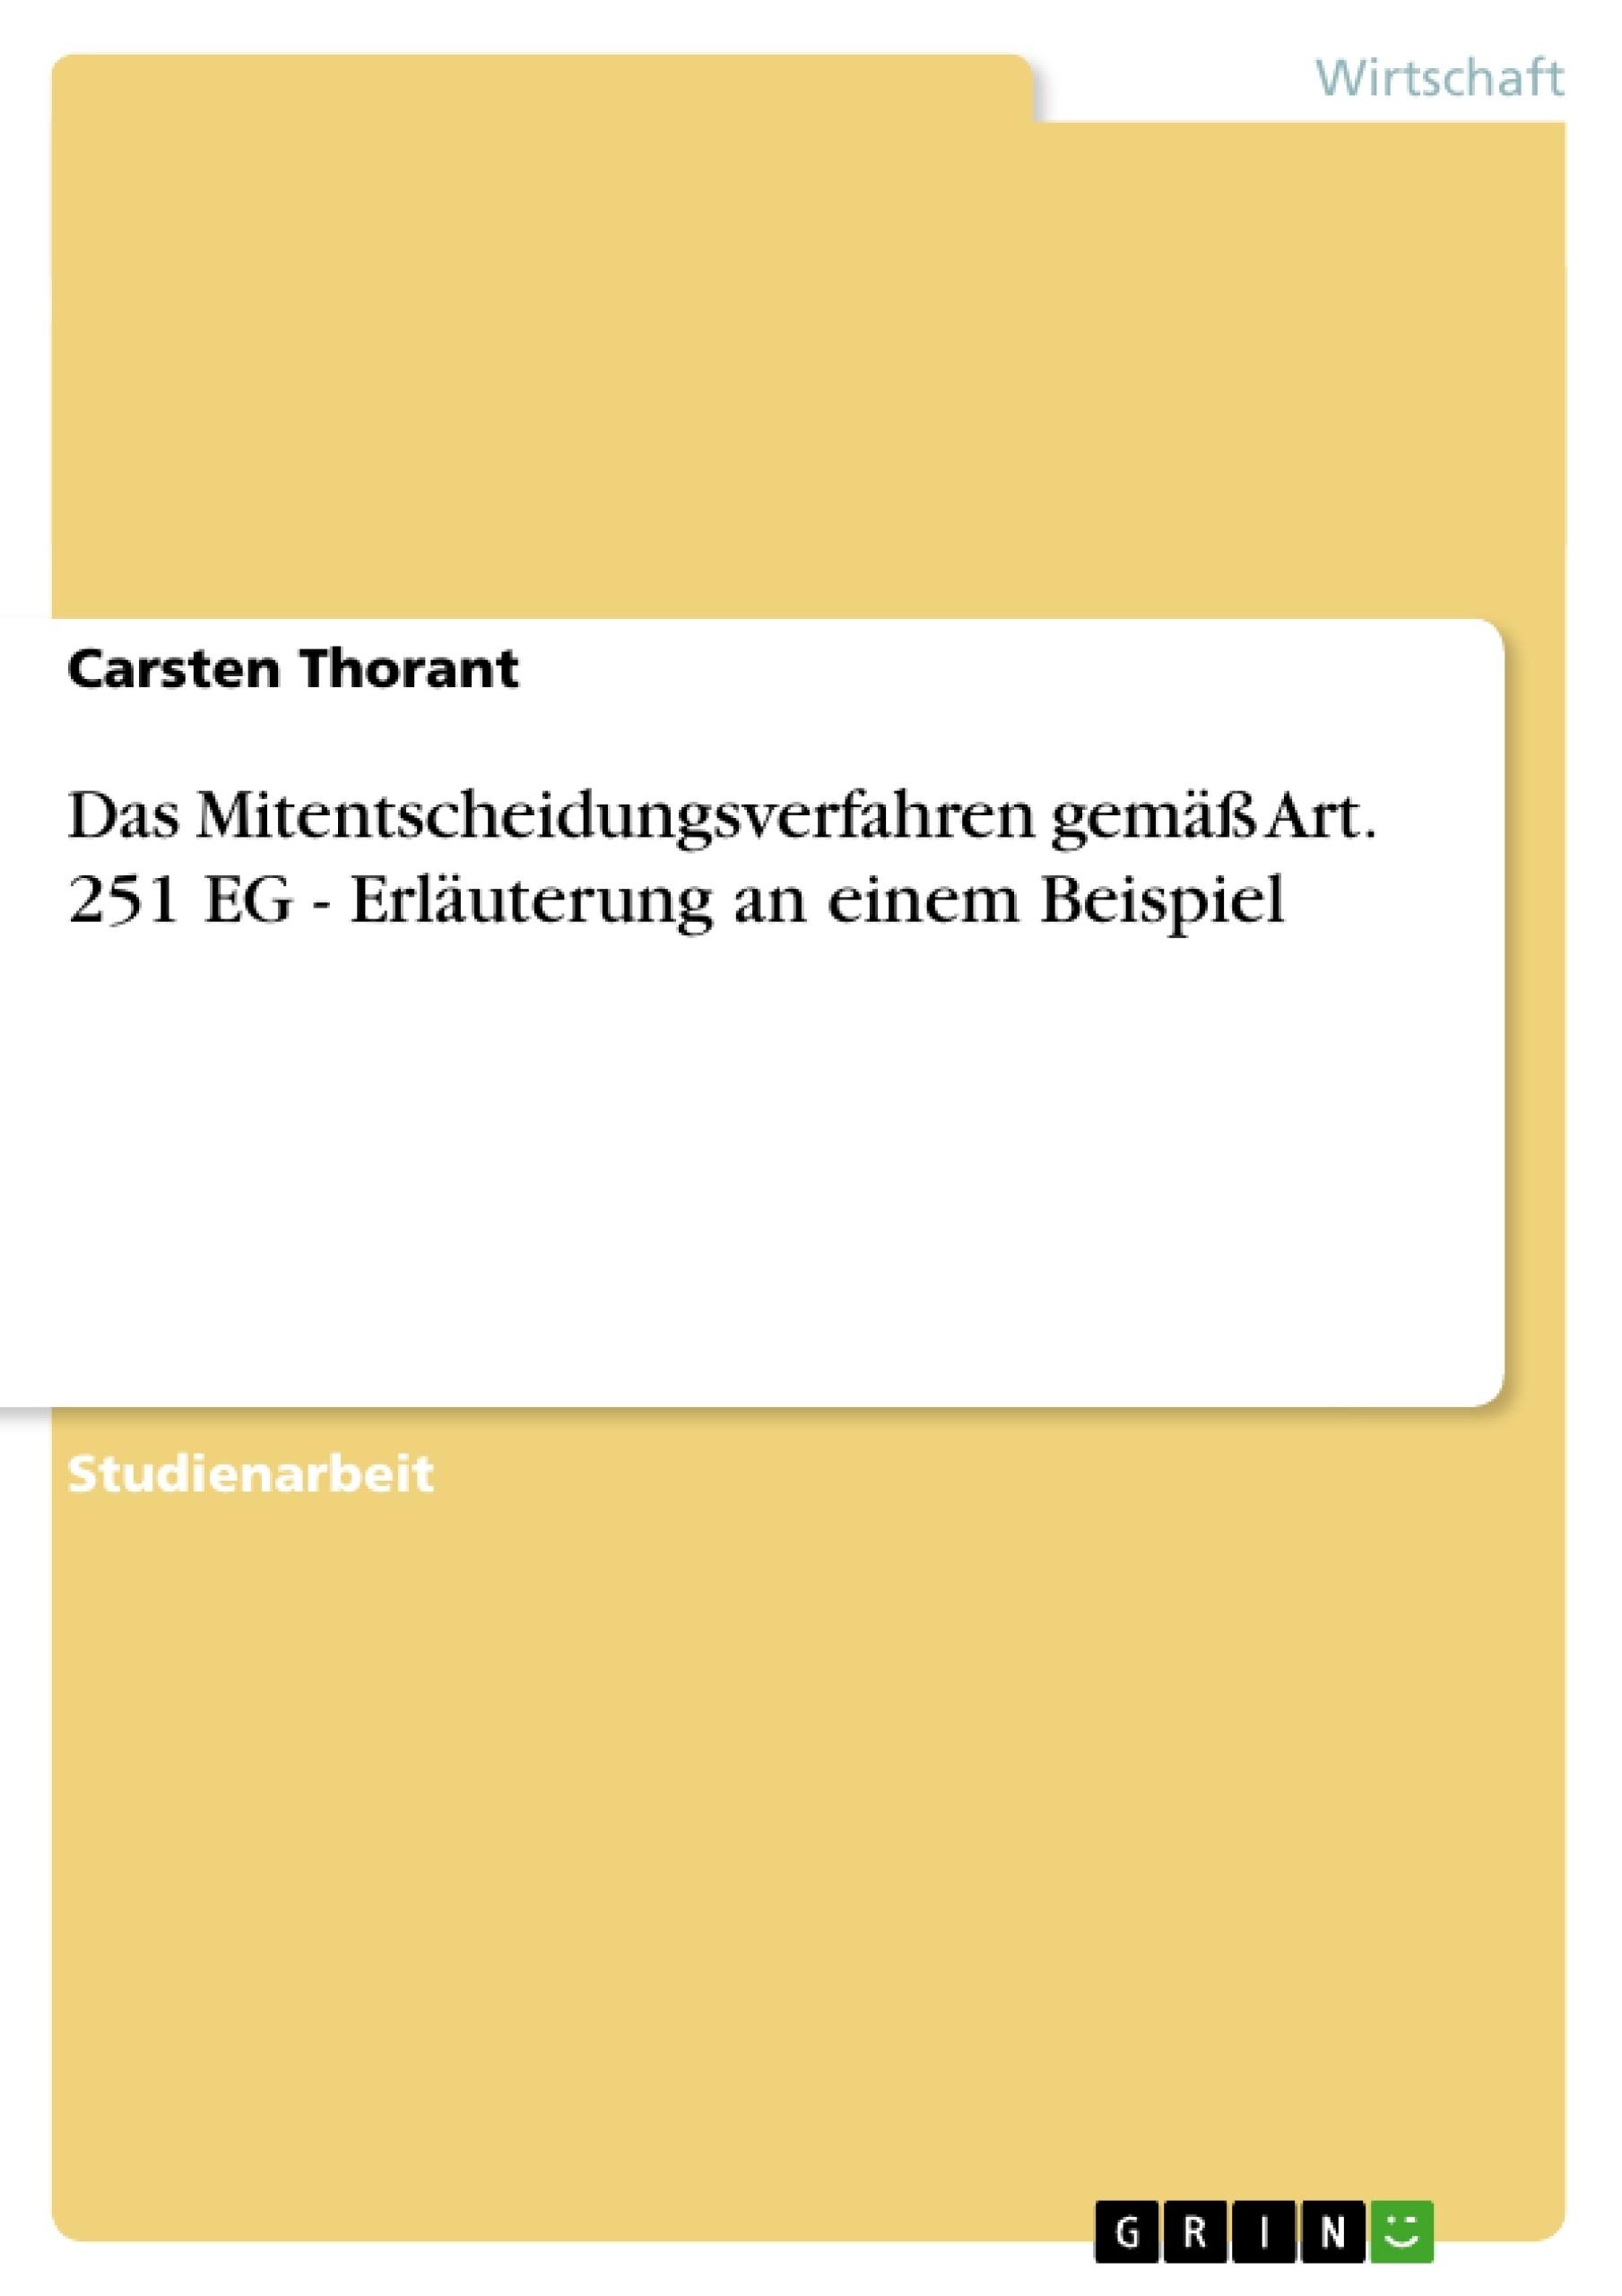 Titel: Das Mitentscheidungsverfahren gemäß Art. 251 EG  -  Erläuterung an einem Beispiel